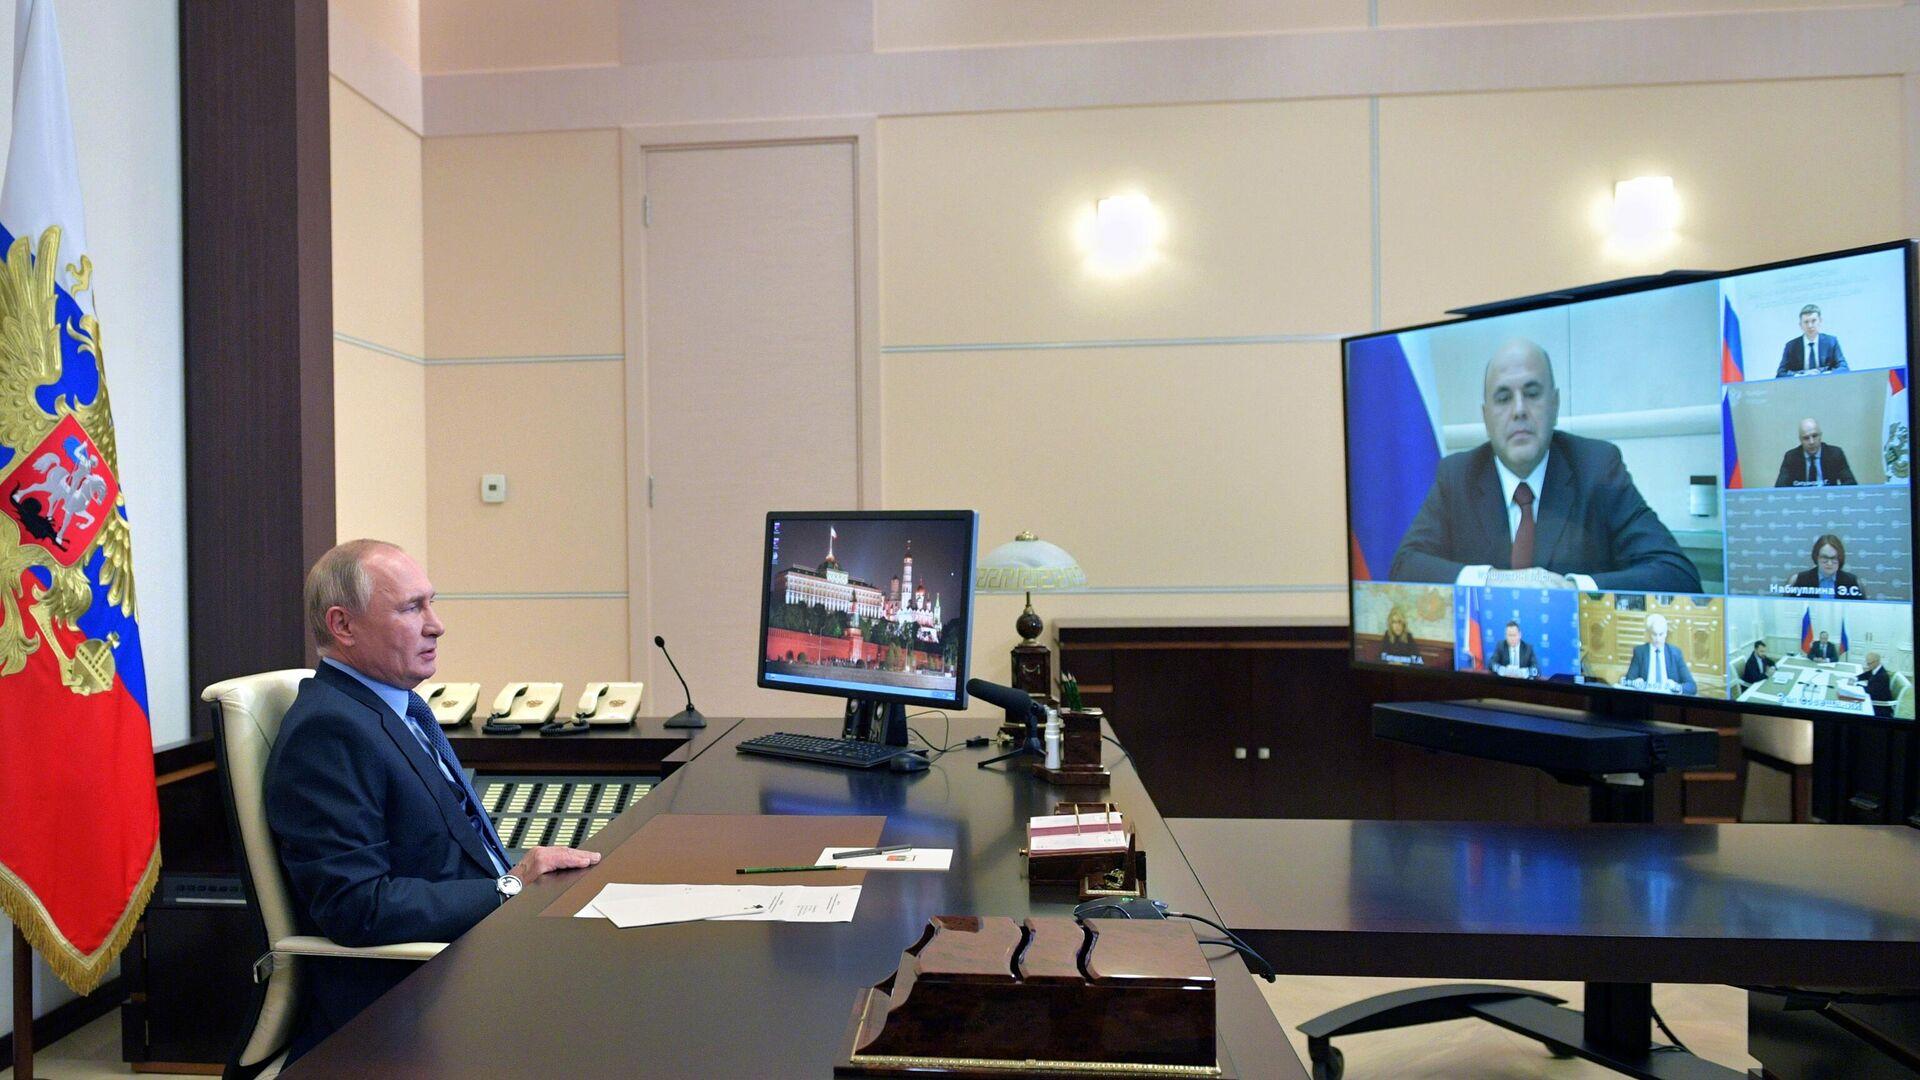 Президент РФ Владимир Путин проводит в режиме видеосвязи совещание по экономическим вопросам - РИА Новости, 1920, 26.10.2020